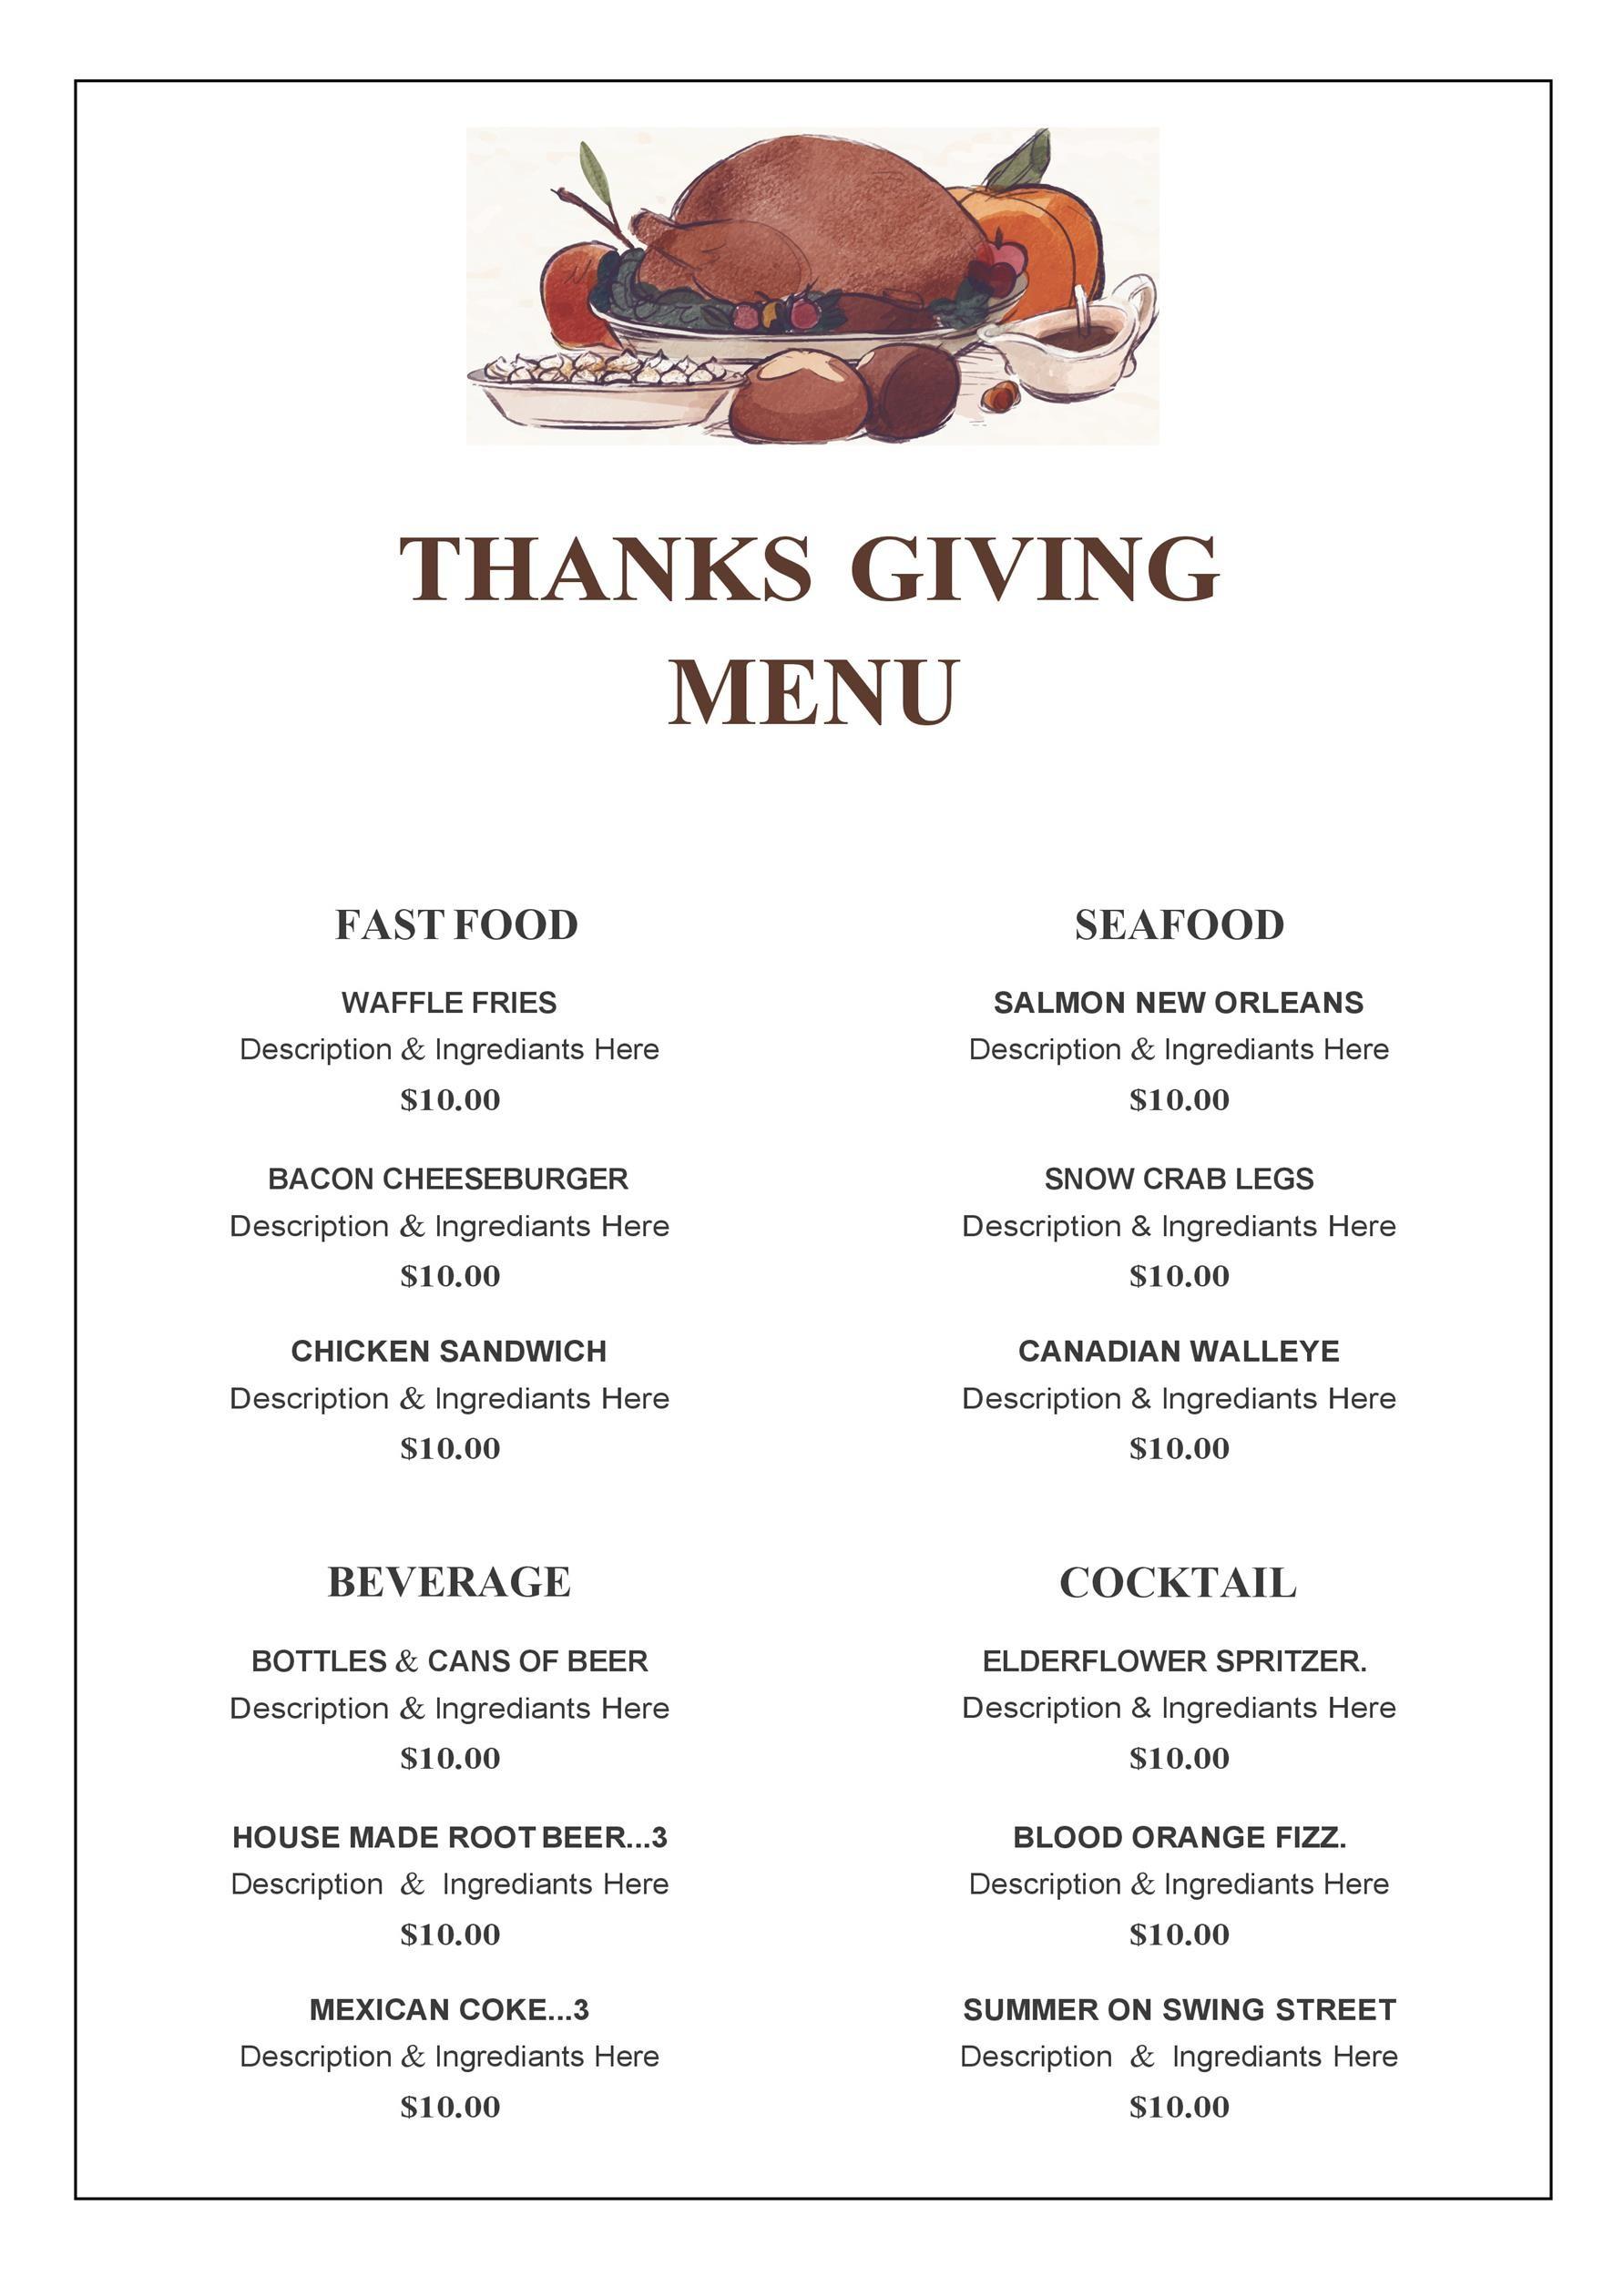 Free thanksgiving menu template 15